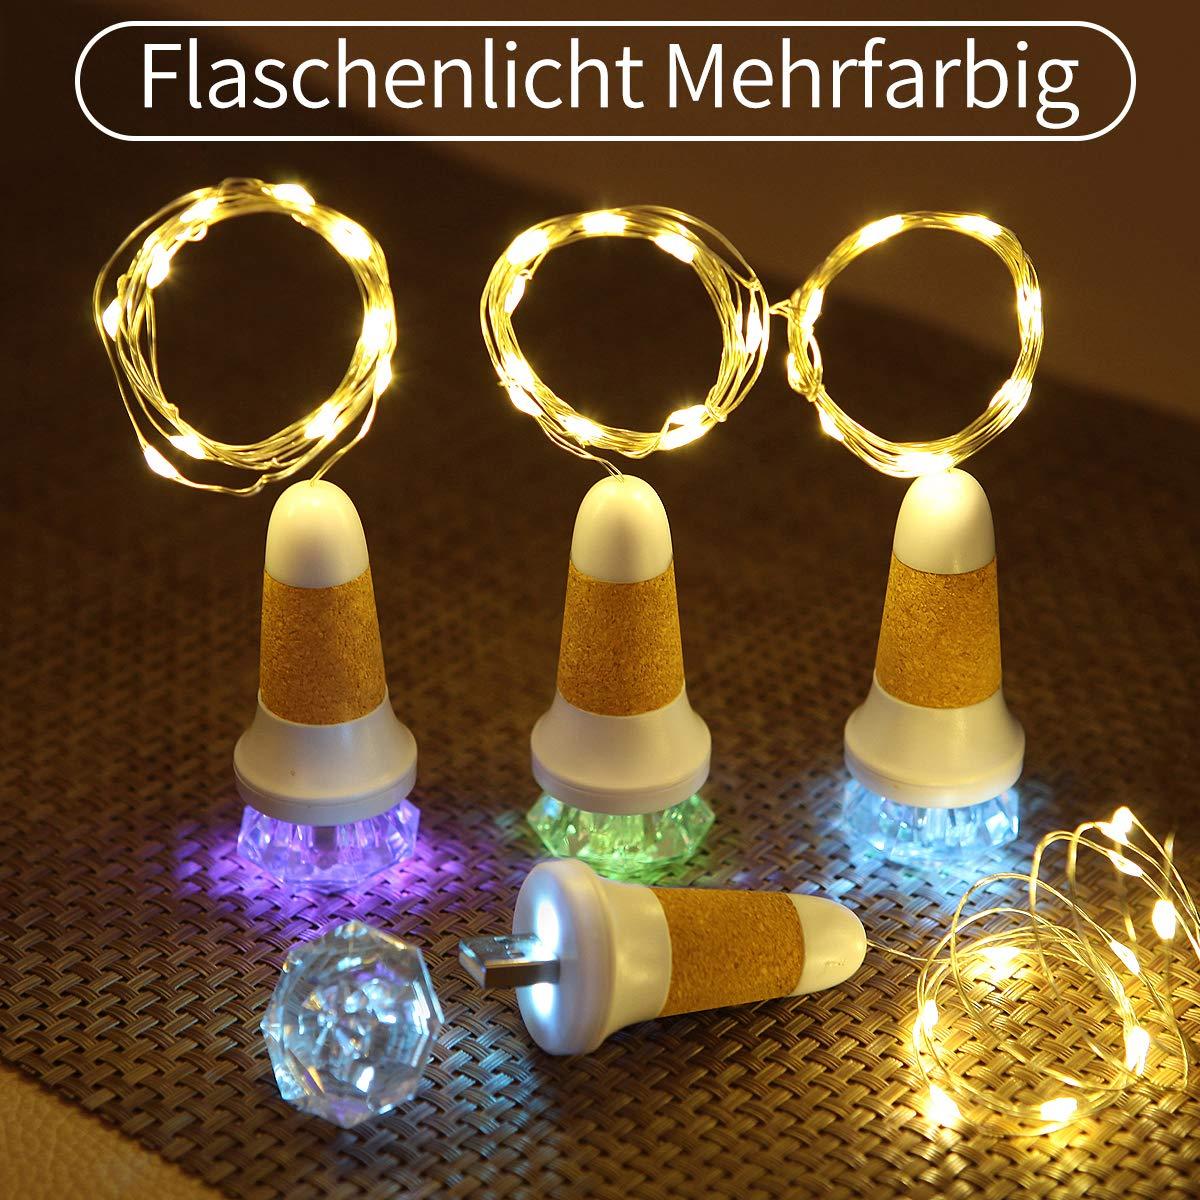 2 Packs Flaschenlichterkette Korken (7 Farbwechsel Mehrfarbig Flaschenlicht + Warmweißes Lichterkette), LED Bottle Lamp USB Wiederaufladbar für Weihnachten, Zimmer, Party, Hochzeit, Geburtstag